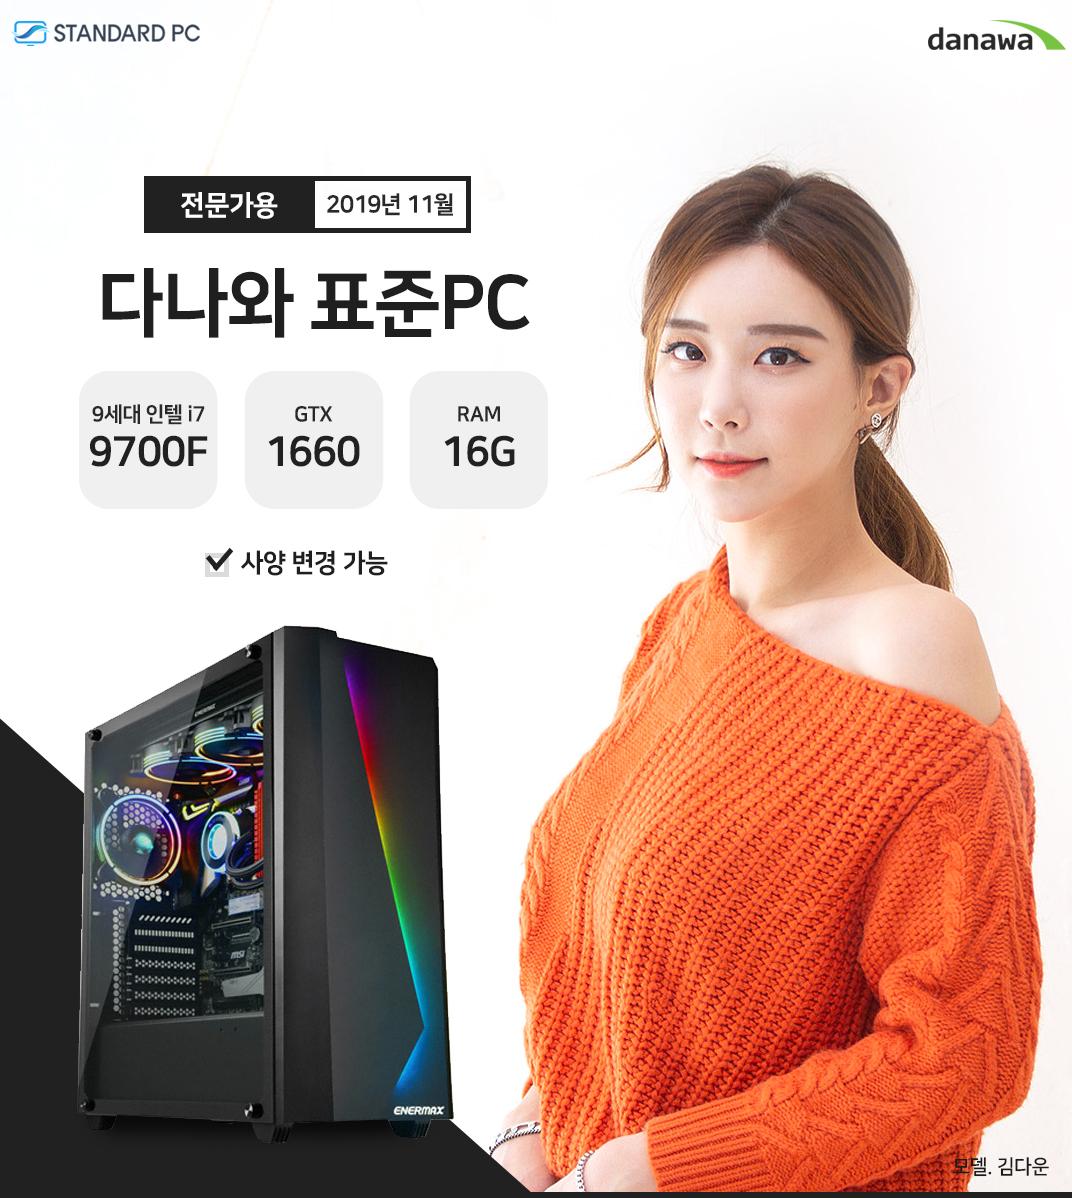 2019년 11월 다나와 표준PC 전문디자인용  인텔 i7-9세대 9700F GTX1650 RAM 16G 모델 문가경